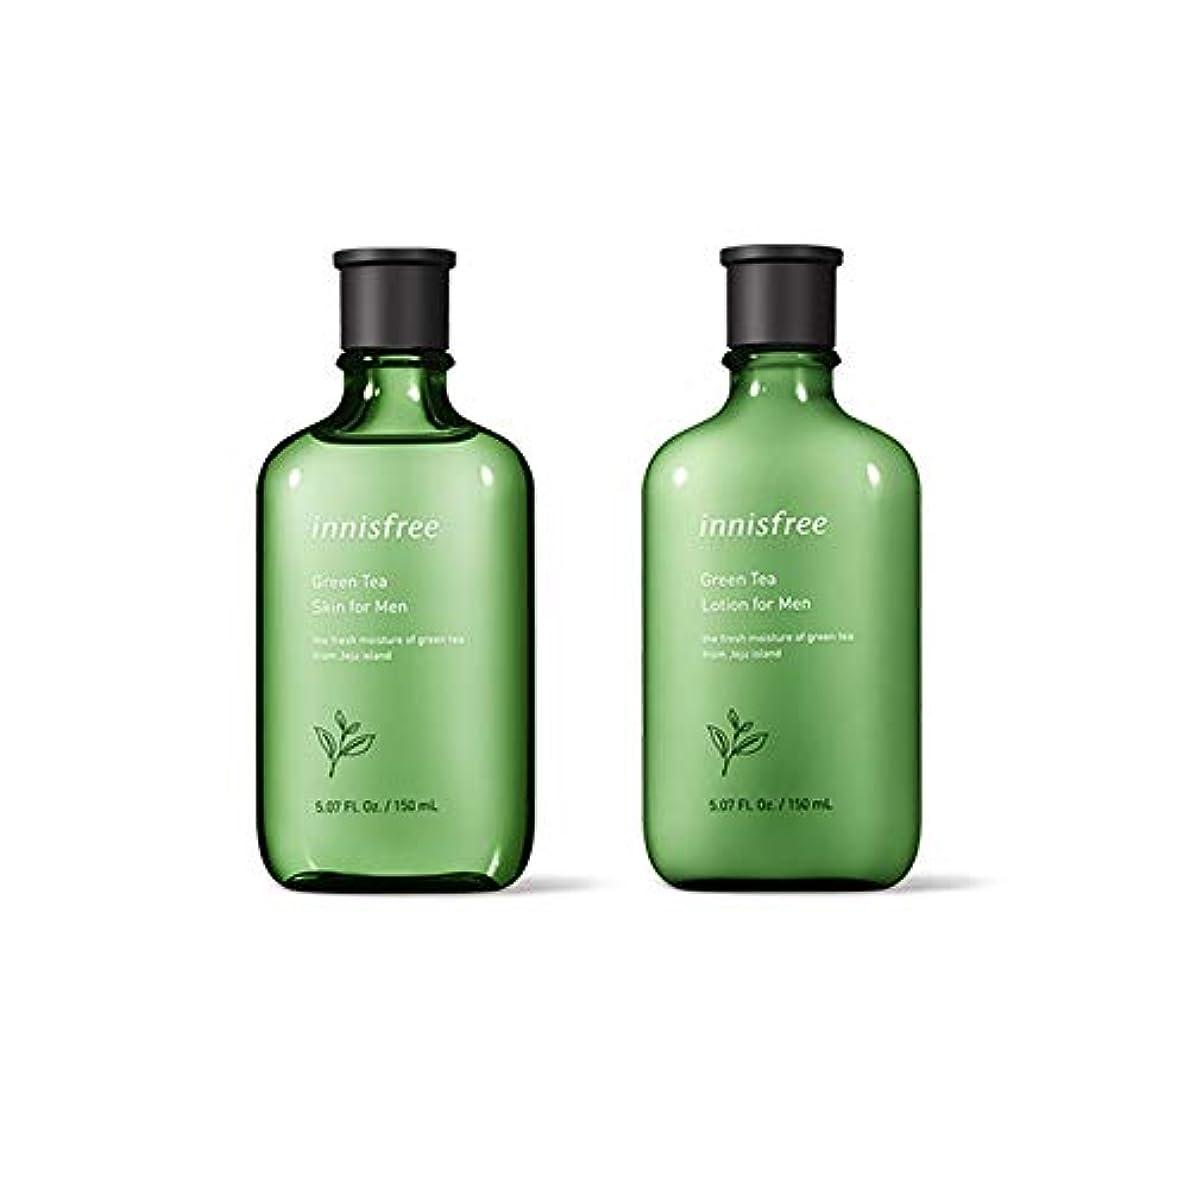 エンジニア騙すナサニエル区イニスフリー Innisfree グリーンティースキン & ローションセットフォーメン(150ml+150ml) Innisfree Green Tea Skin & Lotion Set For Men(150ml+150ml...